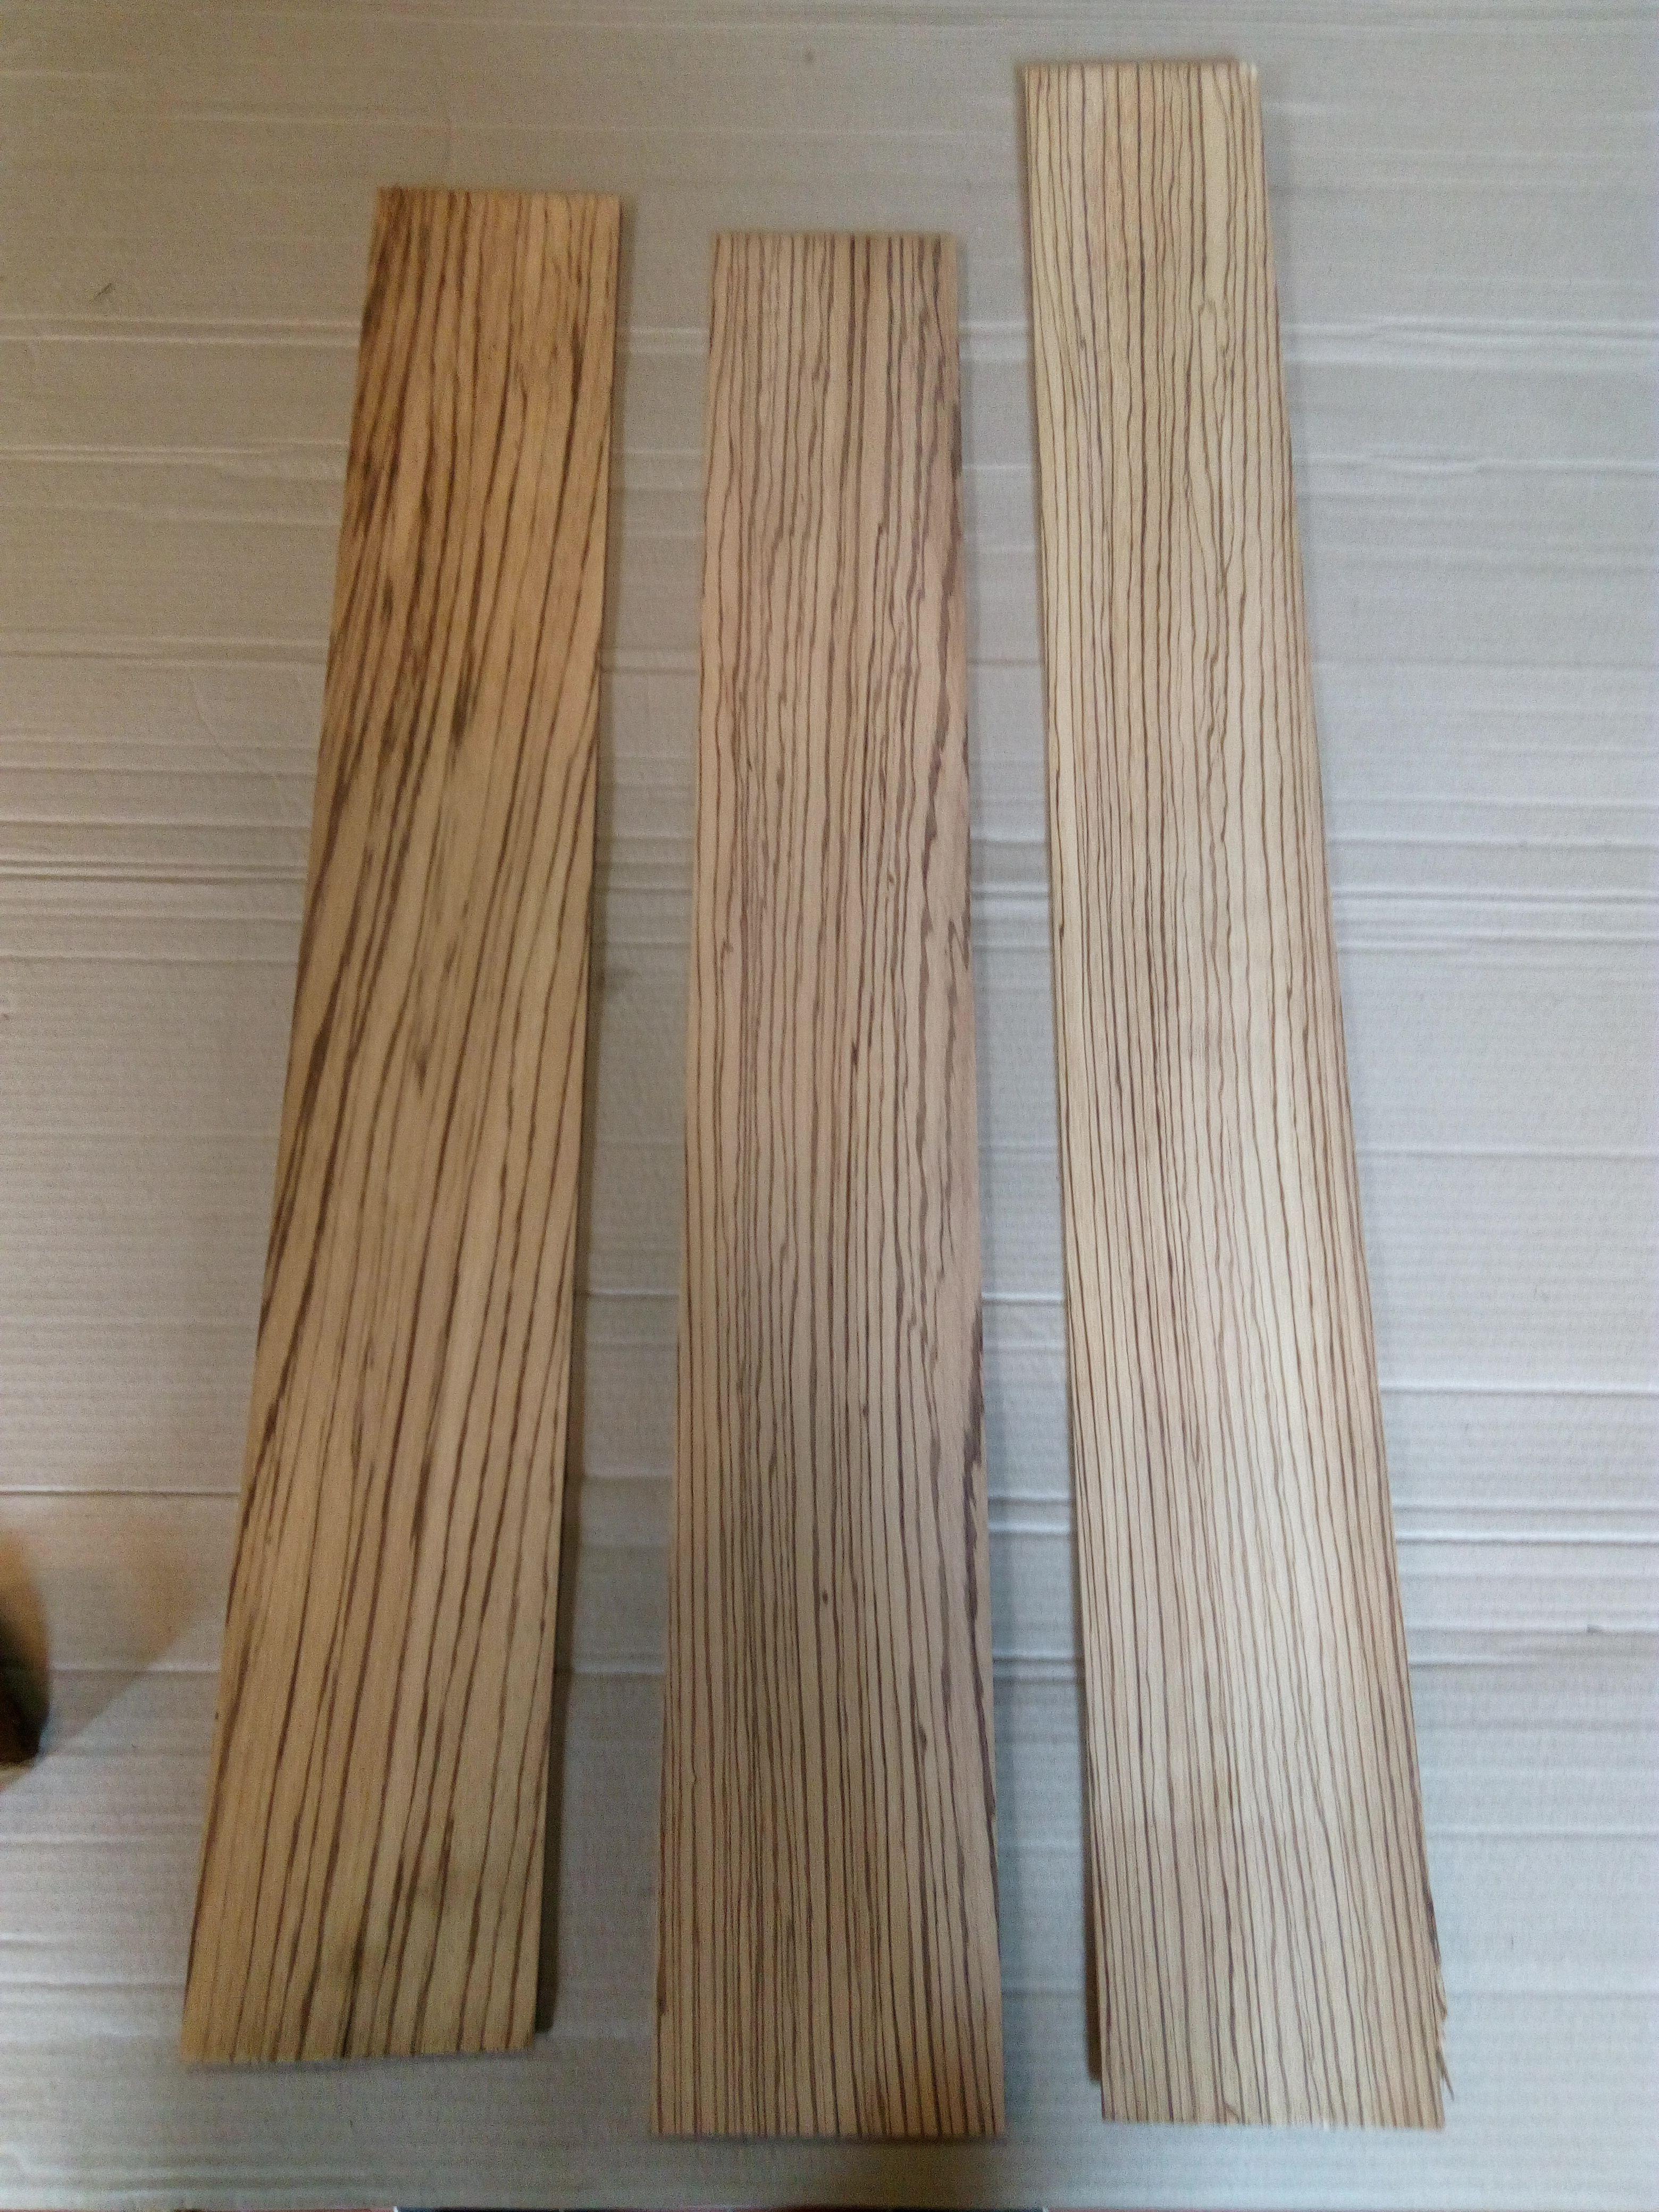 Pin by Zanuso Legno srl on Zanuso Legno Wood, Home decor